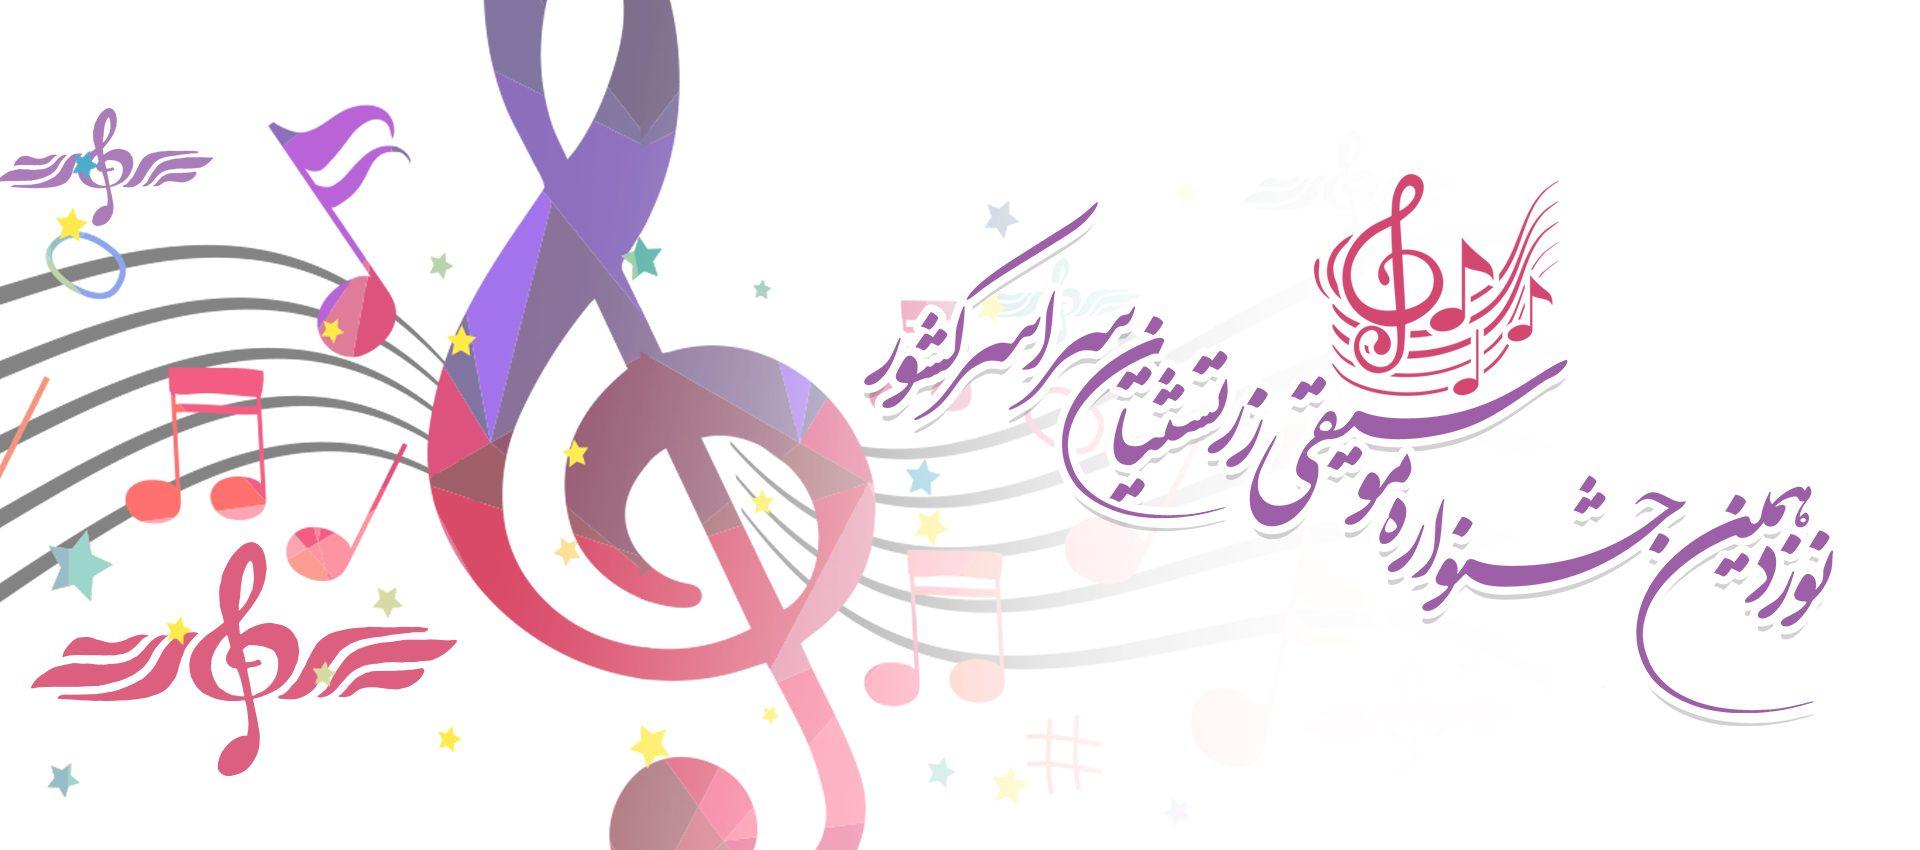 نوزدهمین جشنواره موسیقی زرتشتیان سراسر کشور 15 آذرماه 1397 خورشیدی برگزار میشود